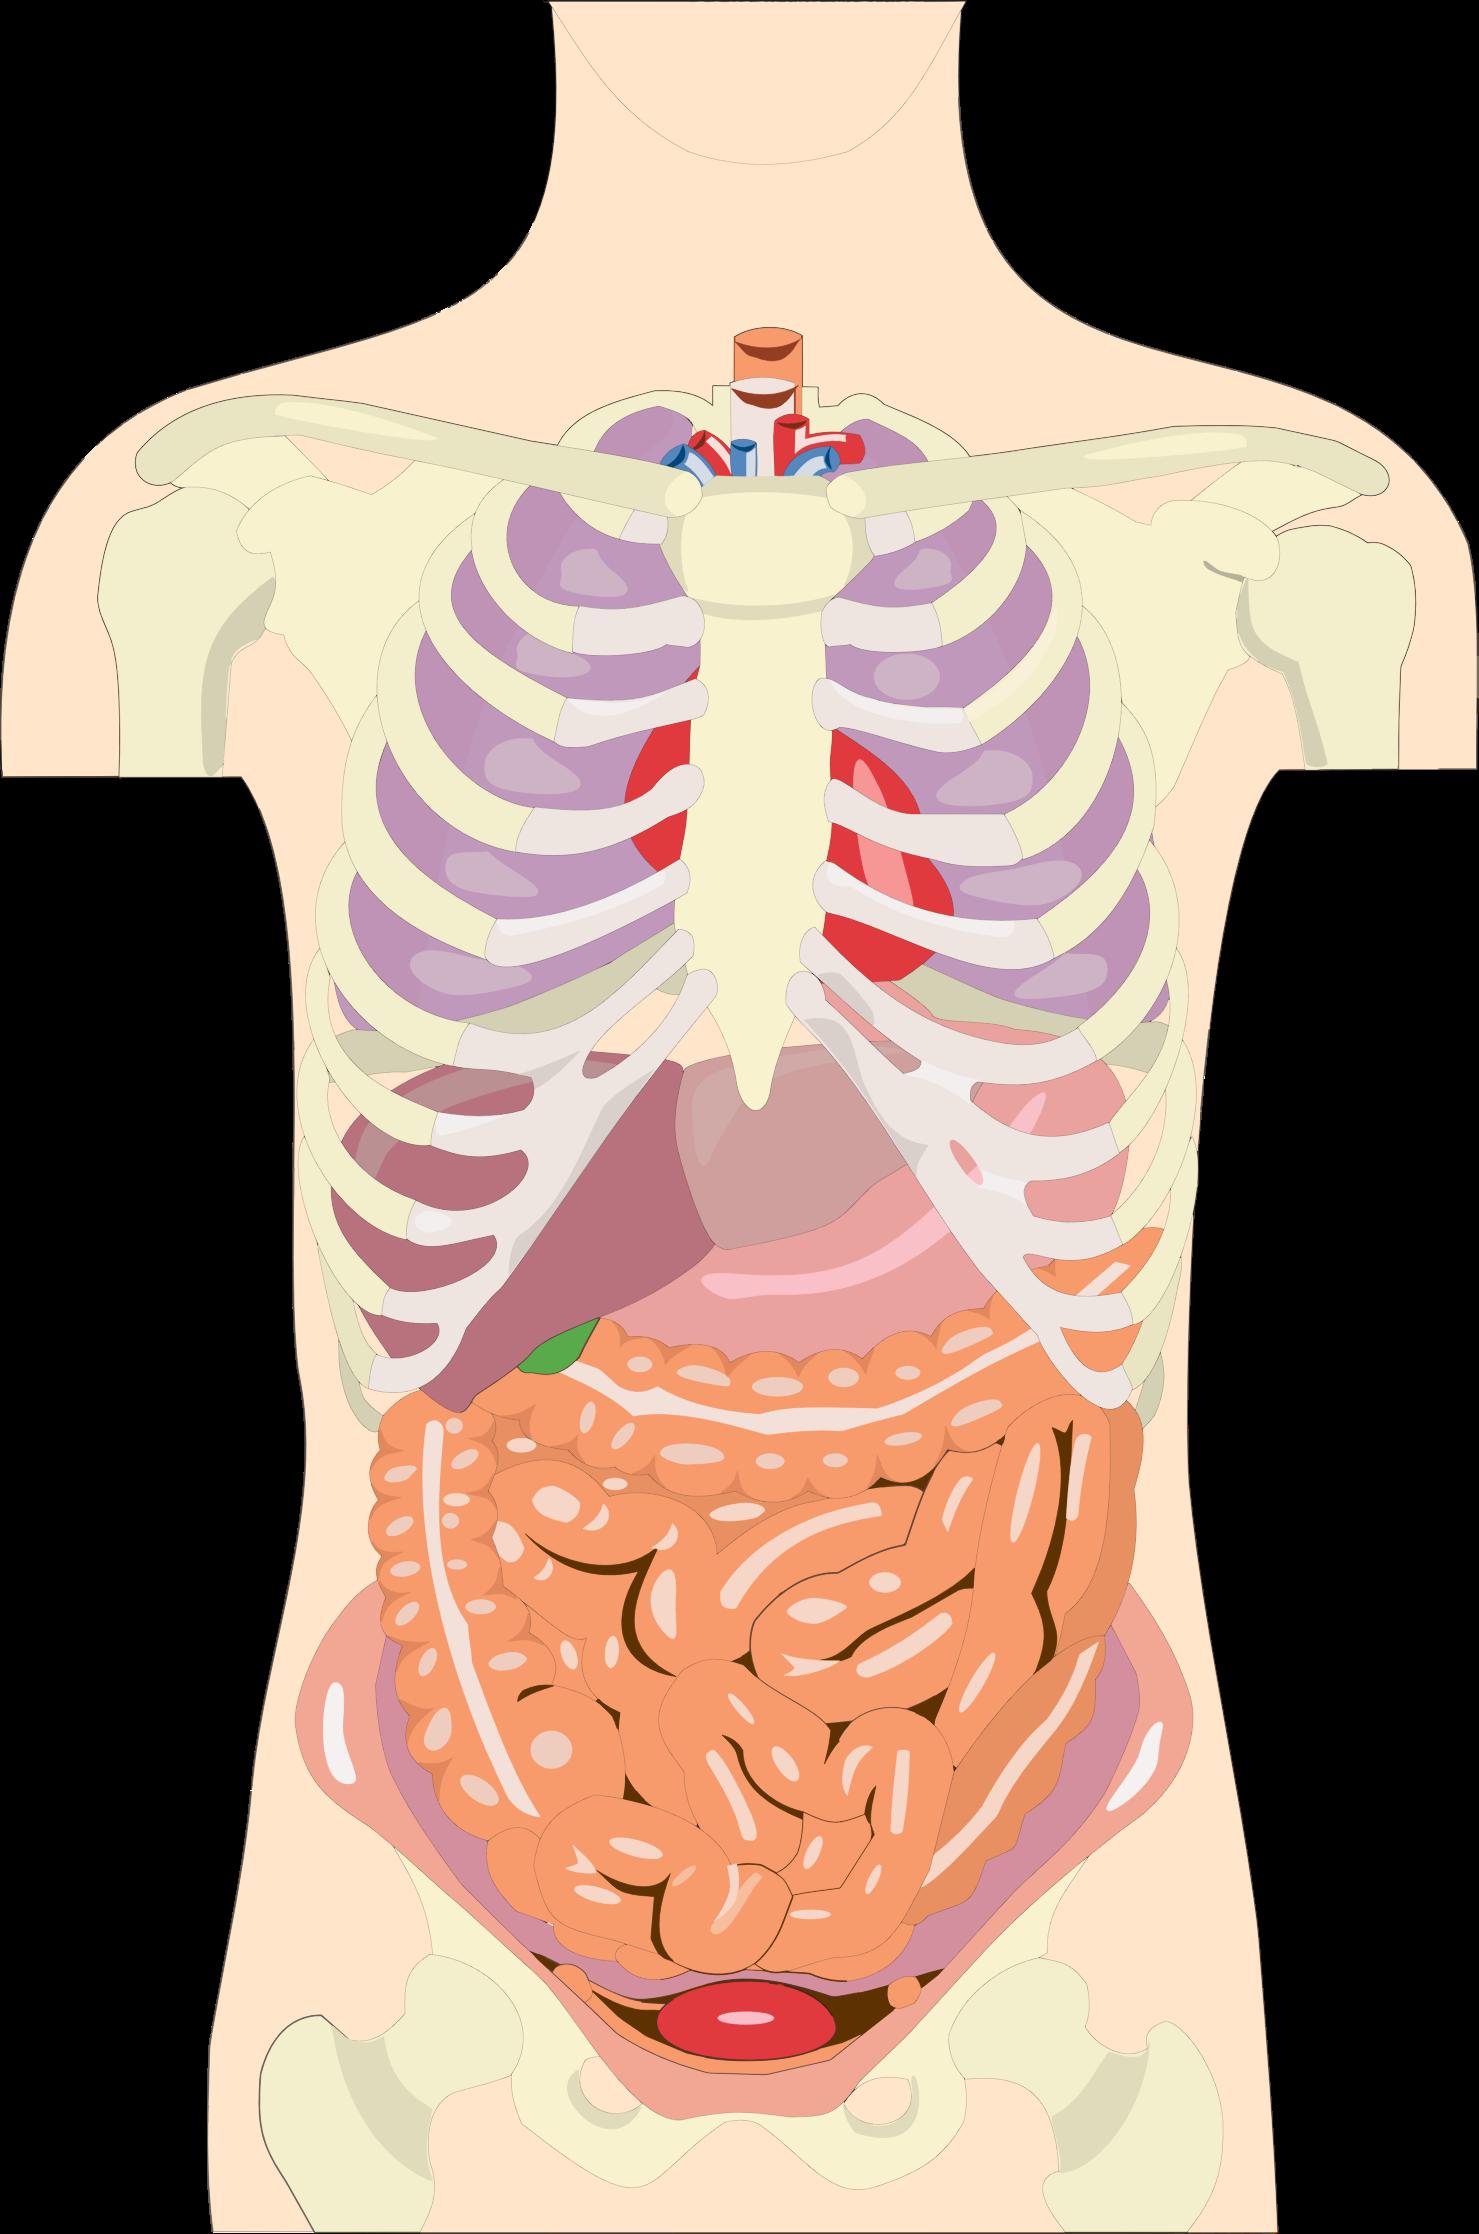 Clipart science organ. Human organs torso big